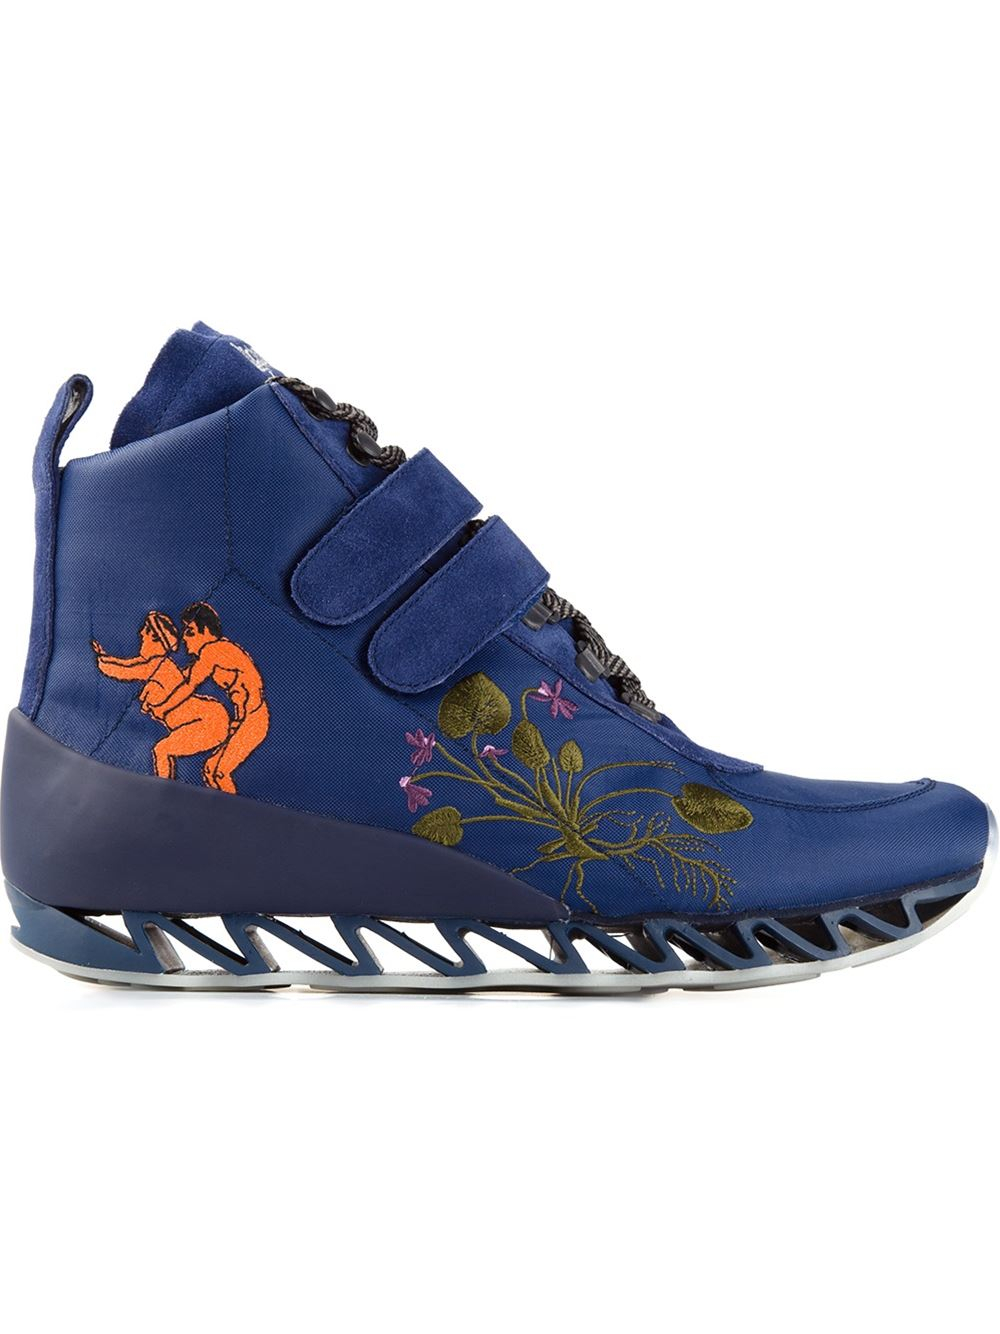 Bernhard Willhelm Shoes Men